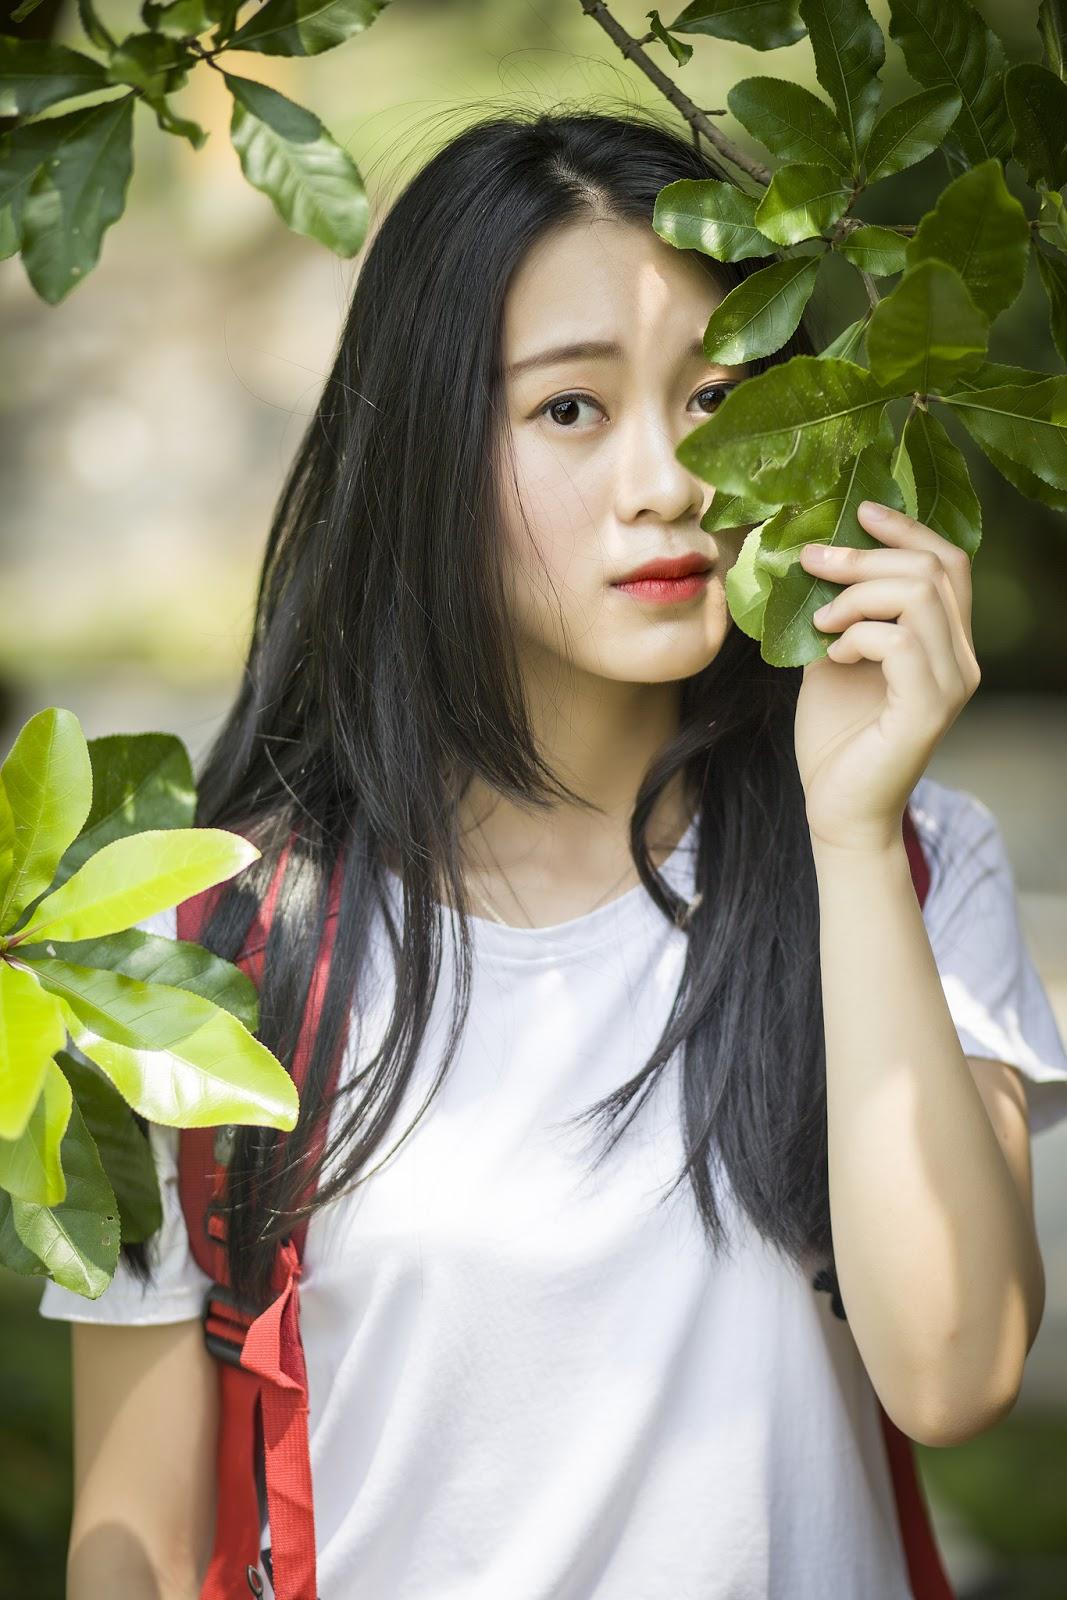 Vietnamese Beauty Girls by [T]-Kir Part 5 (71 pics)